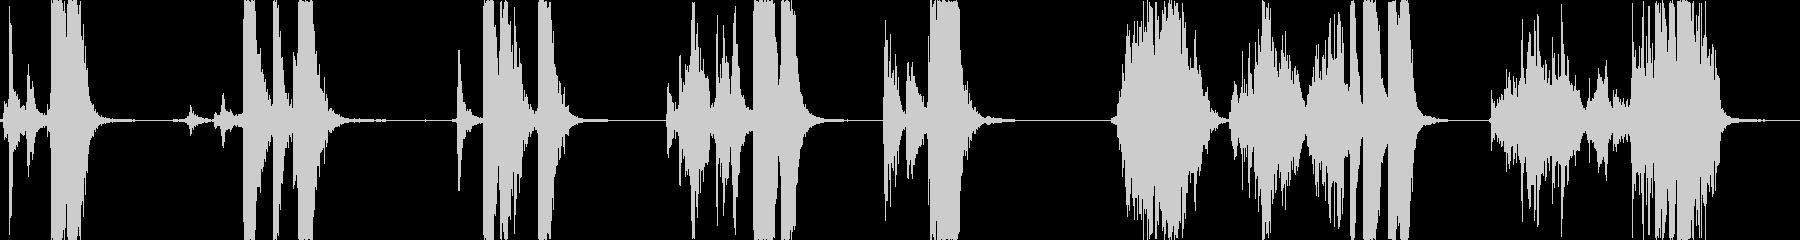 メタルソーセーパンの蓋:さまざまな...の未再生の波形